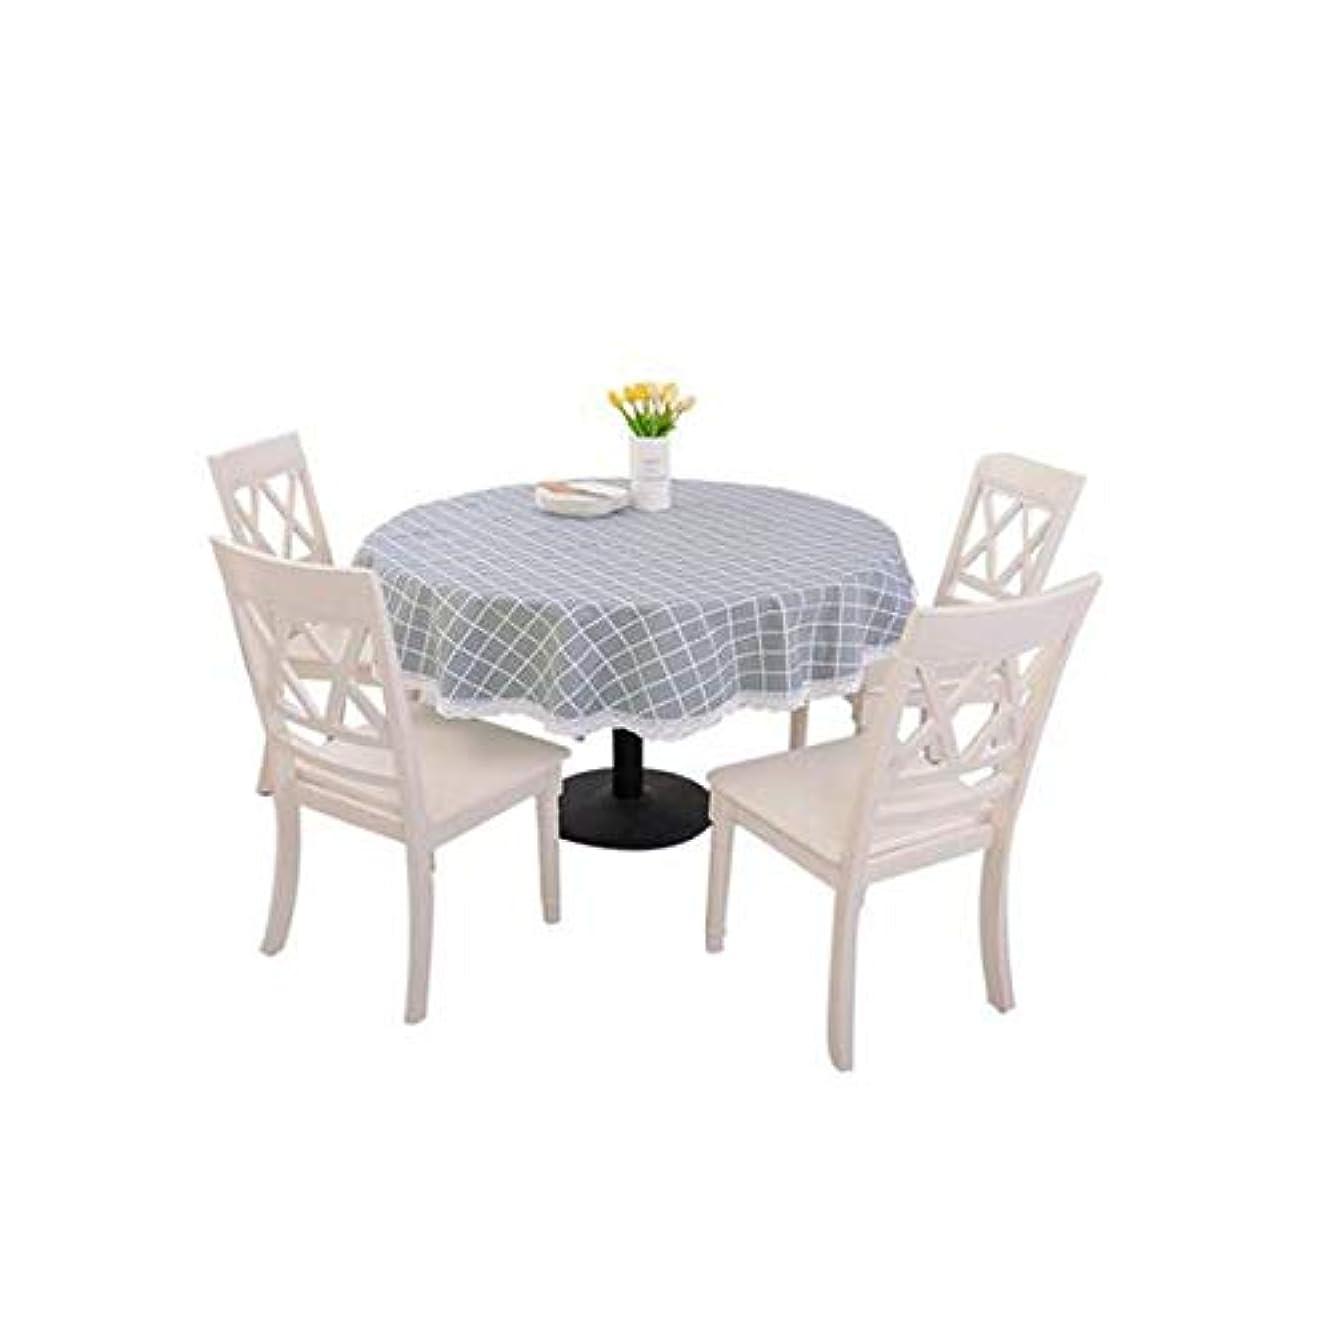 クリア知っているに立ち寄る文言CPWJD テーブルクロス、テーブルクロスラウンド、ダイニングテーブル、お祝いのディナーに適しています。ホームSupplie。サイズ:直径48インチ、直径60インチ。カラー:ベージュ、ブルー、グレー。 (Color : Gray, Size : Diameter 48 inches)